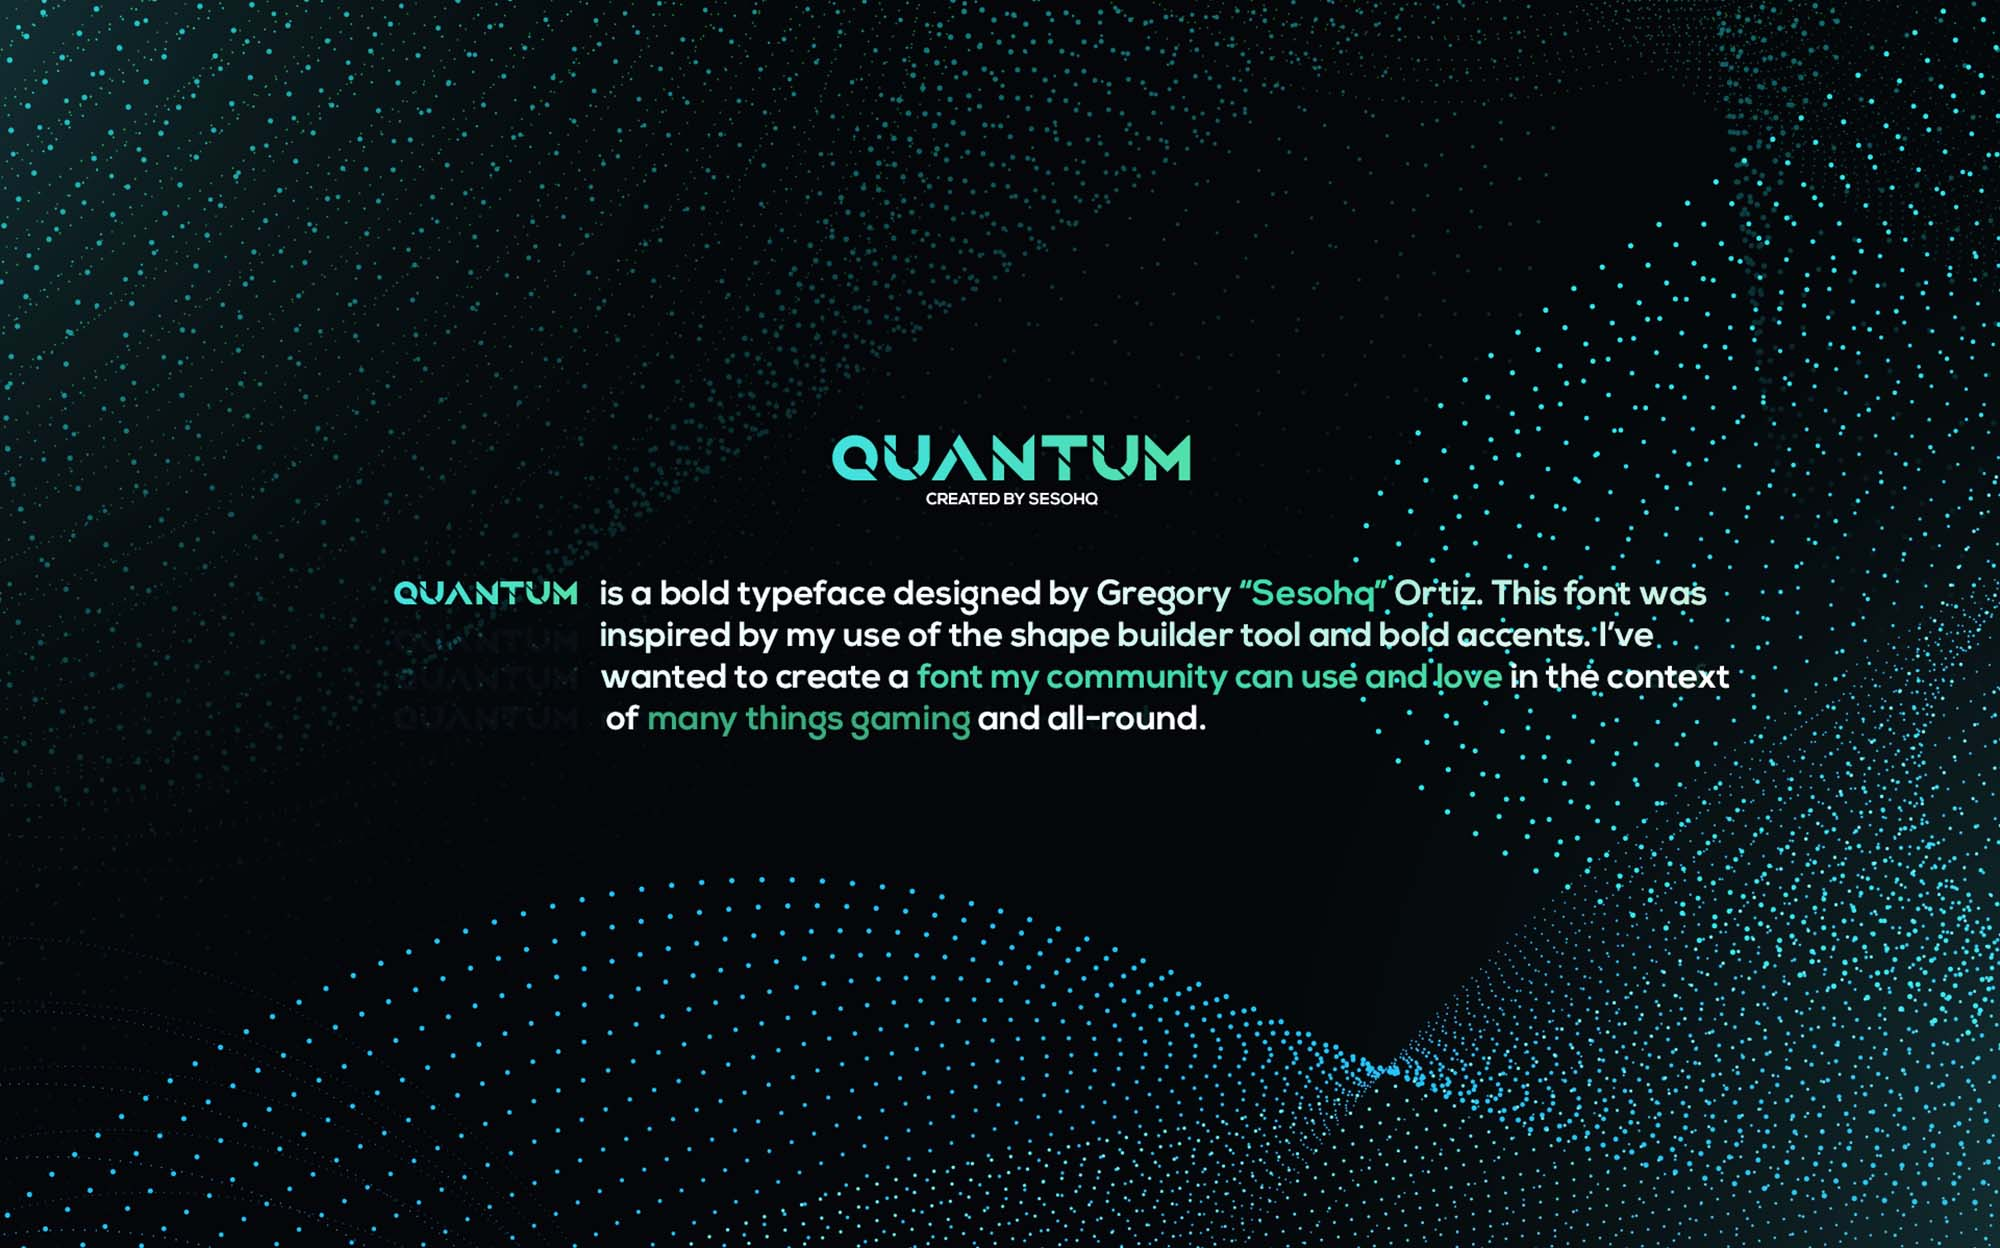 Quantum Font Body Text